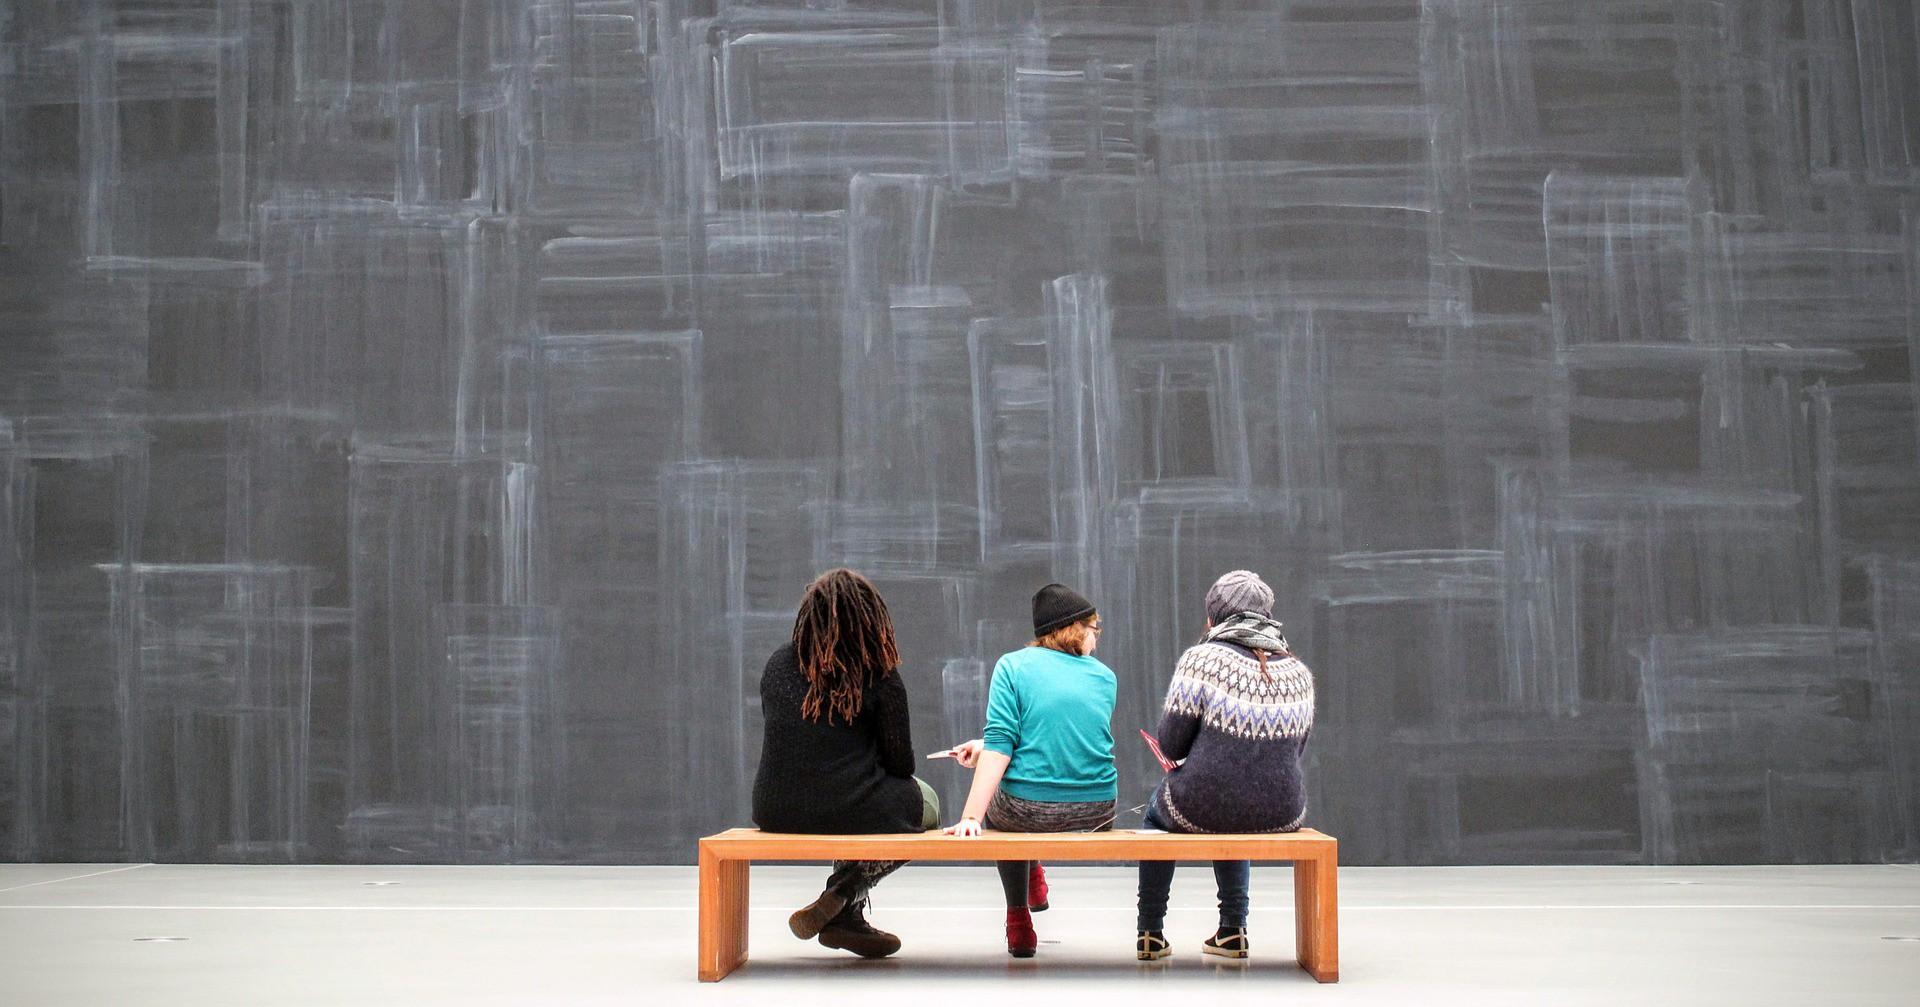 Istanbul's Best Art Galleries By Neighborhood